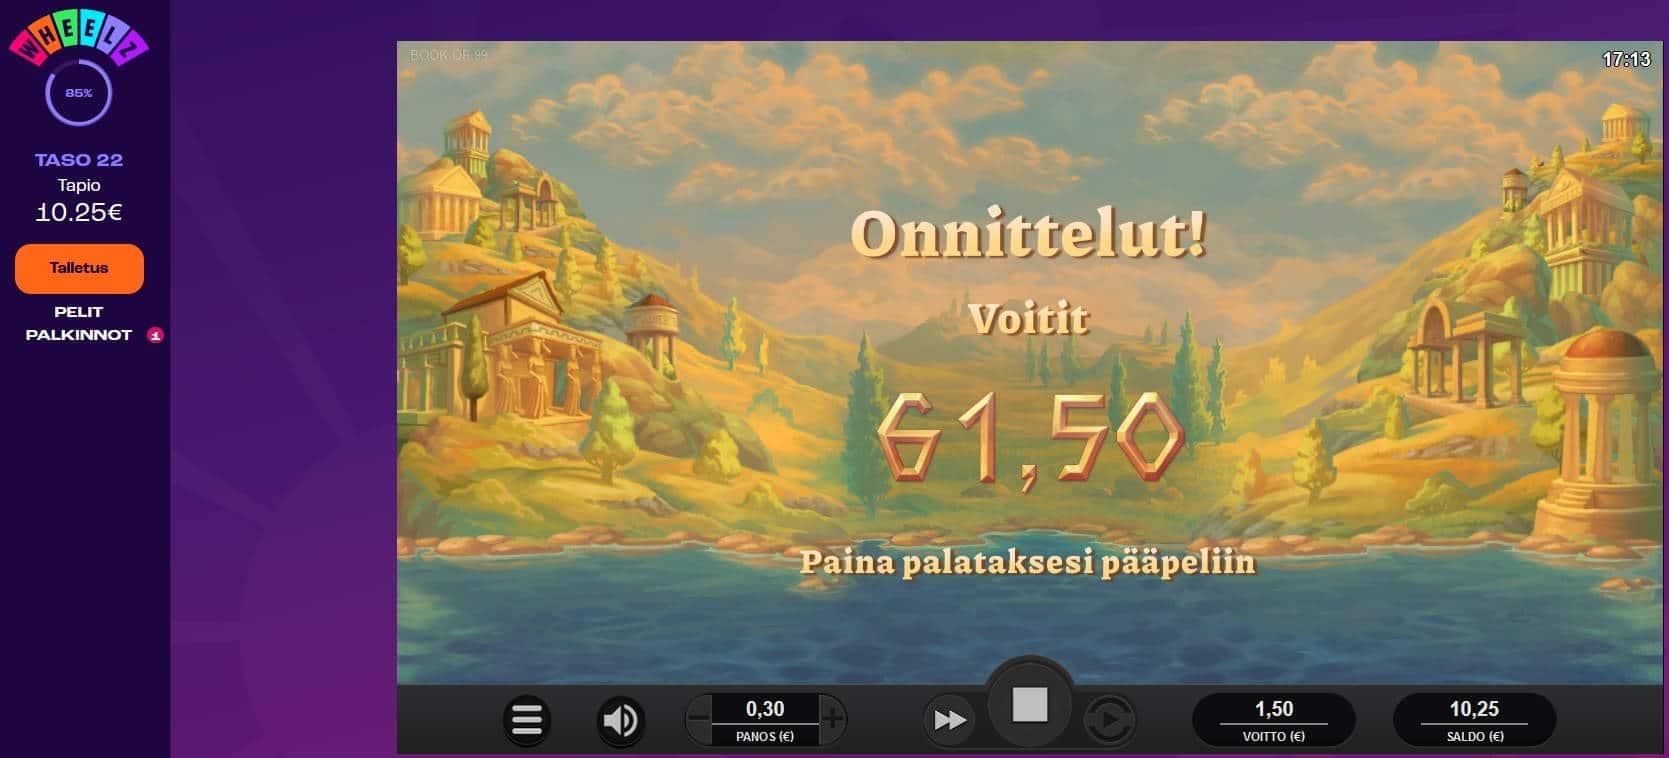 Book of 99 Casino win picture by Mrmork666 31.5.2021 61.50e 205X Wheelz